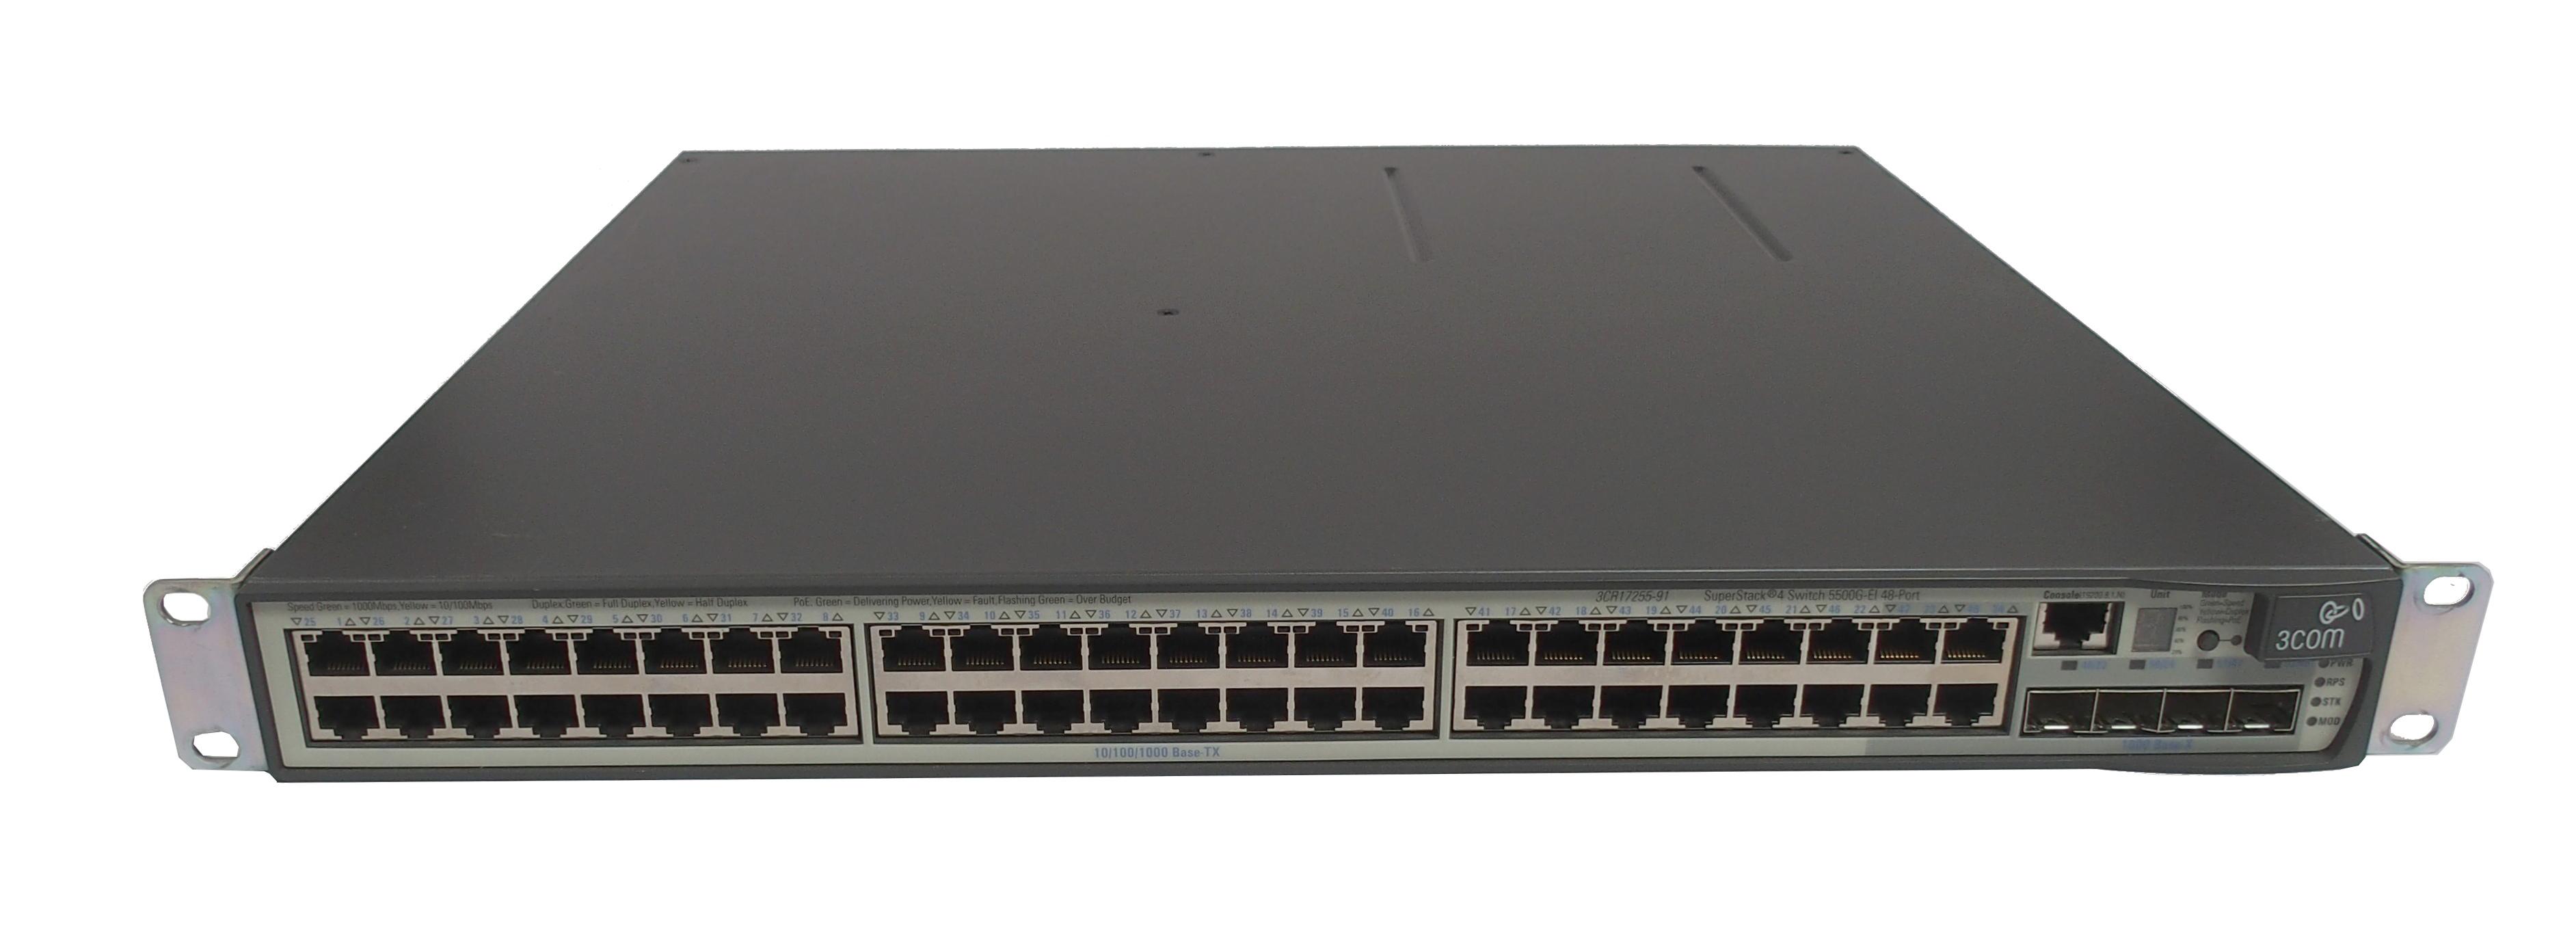 3com 3cr17251 91 3cr17255 91 superstack 4 5500g ei 48 port for 3 com switch